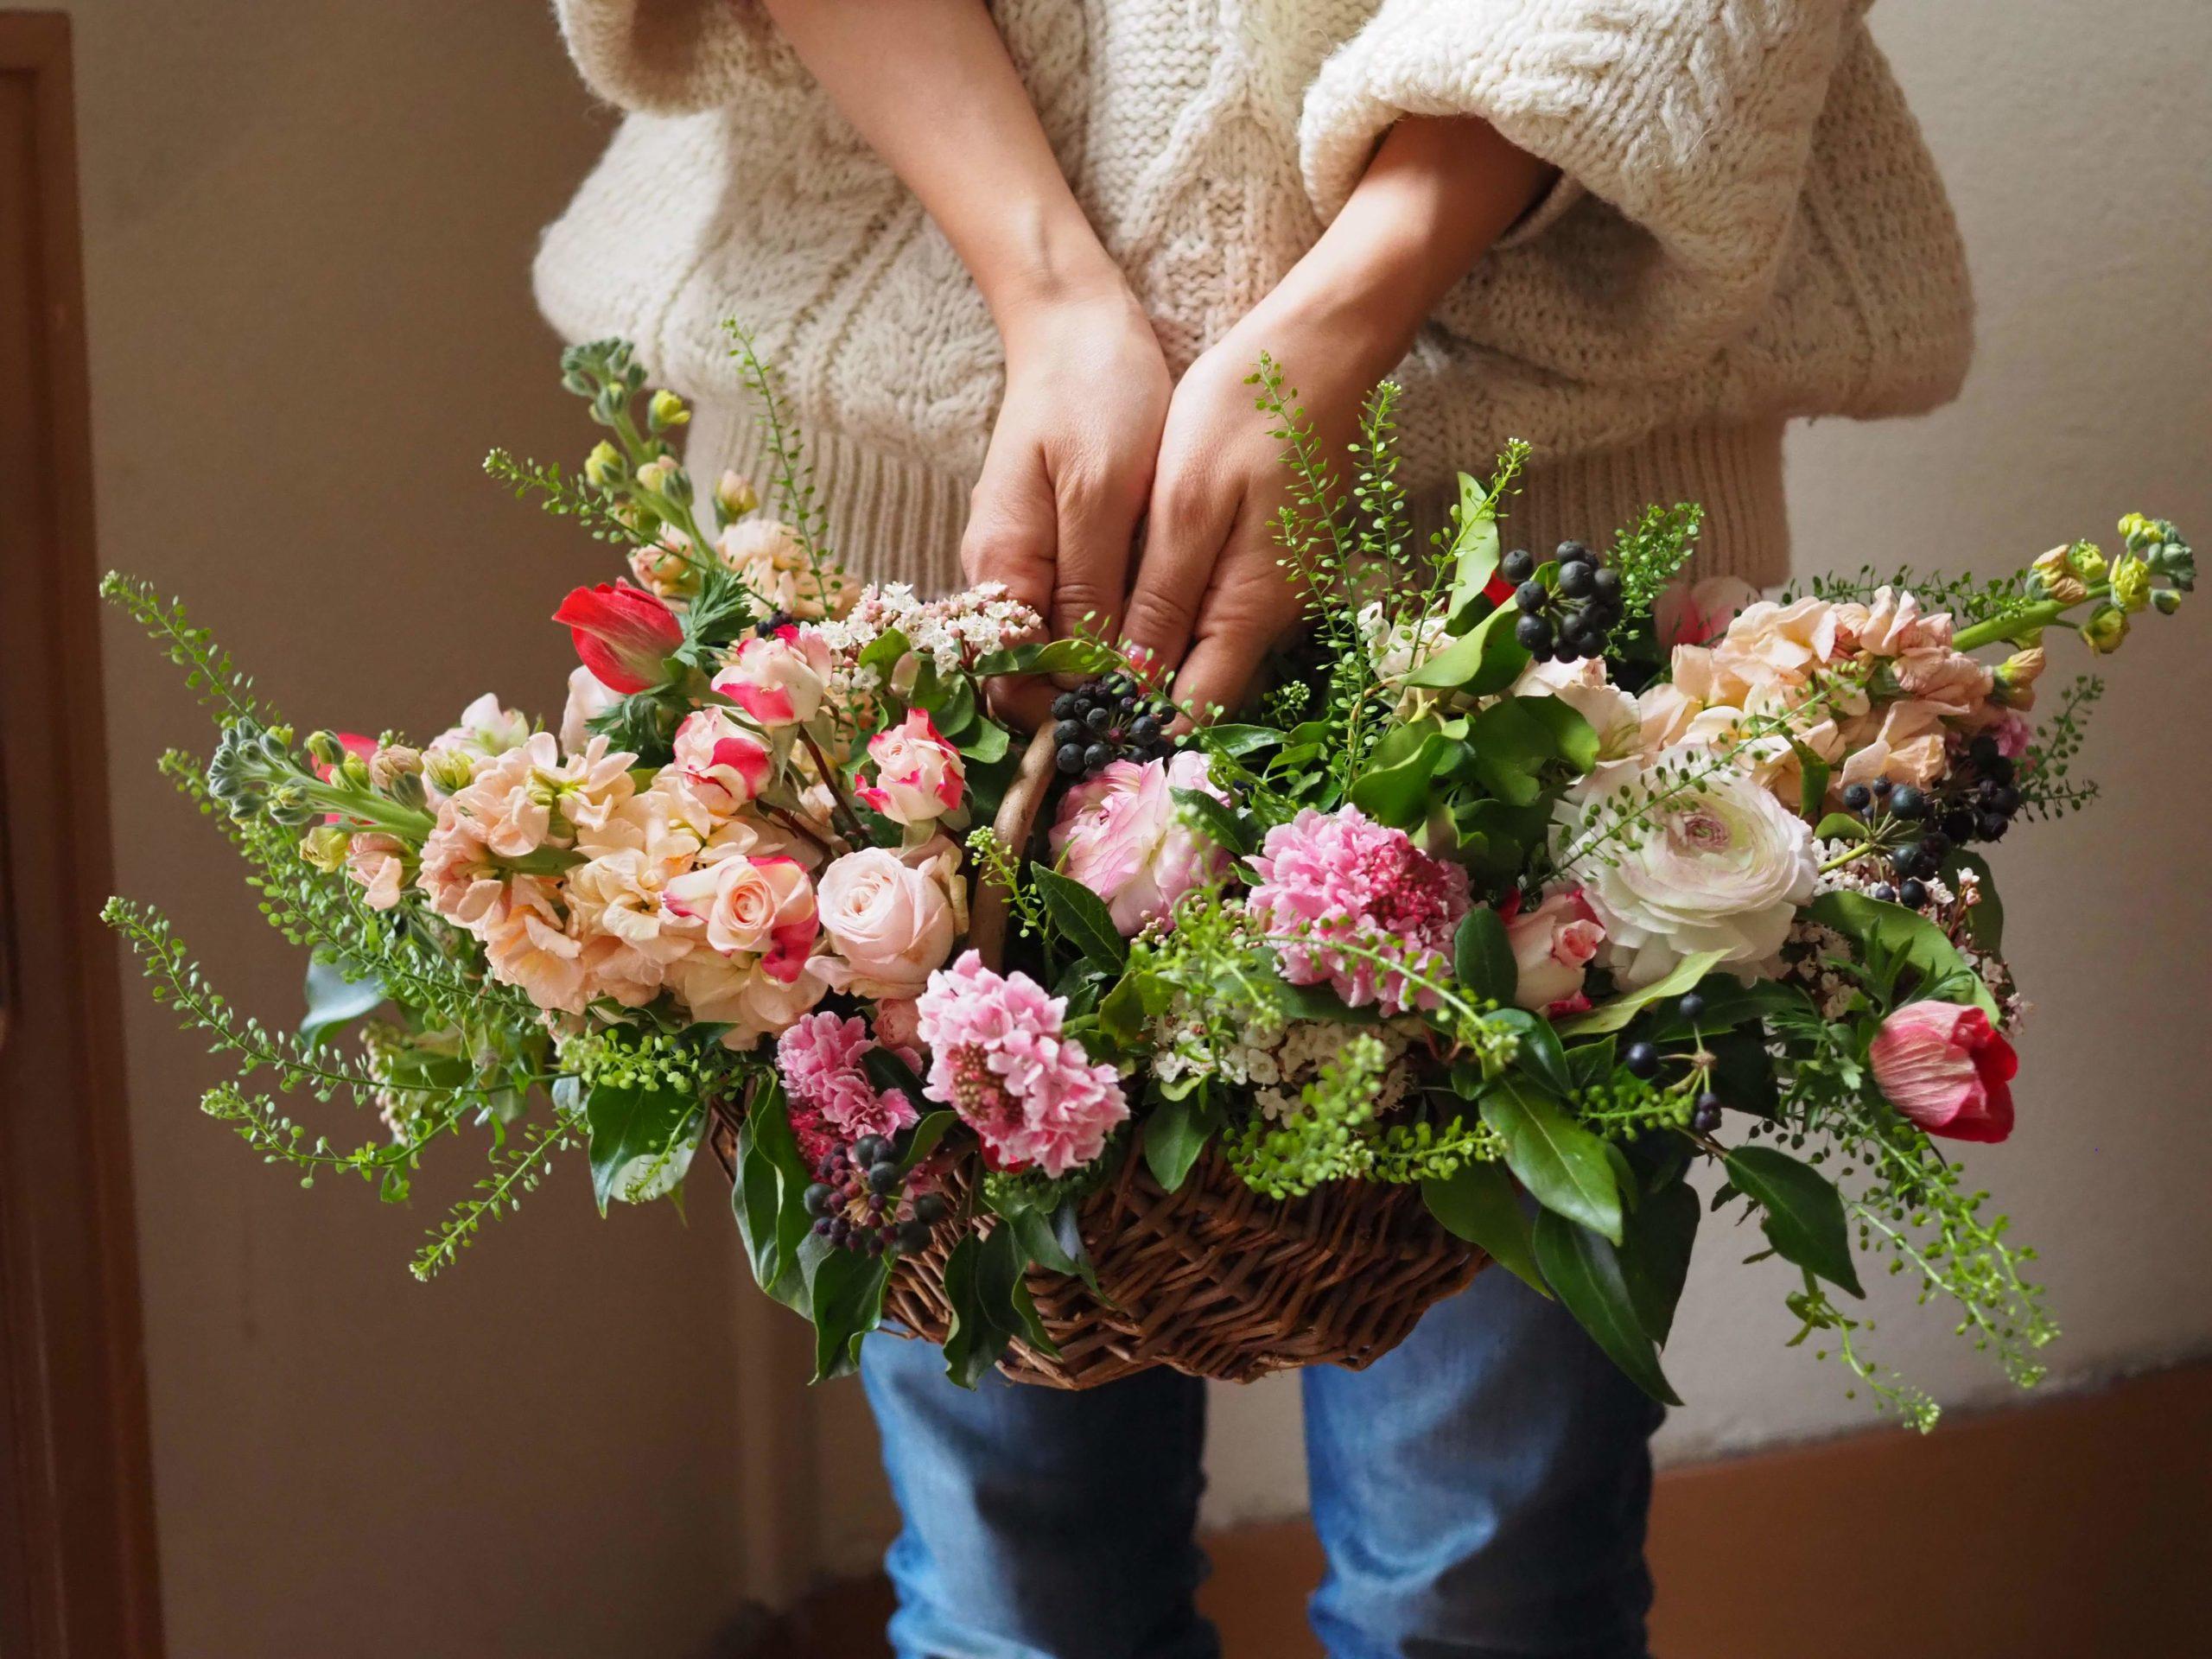 2021年8月7日開催予定「花の日イベント」について - 株式会社RIN   ロスフラワーを用いた空間装飾   花のあ...